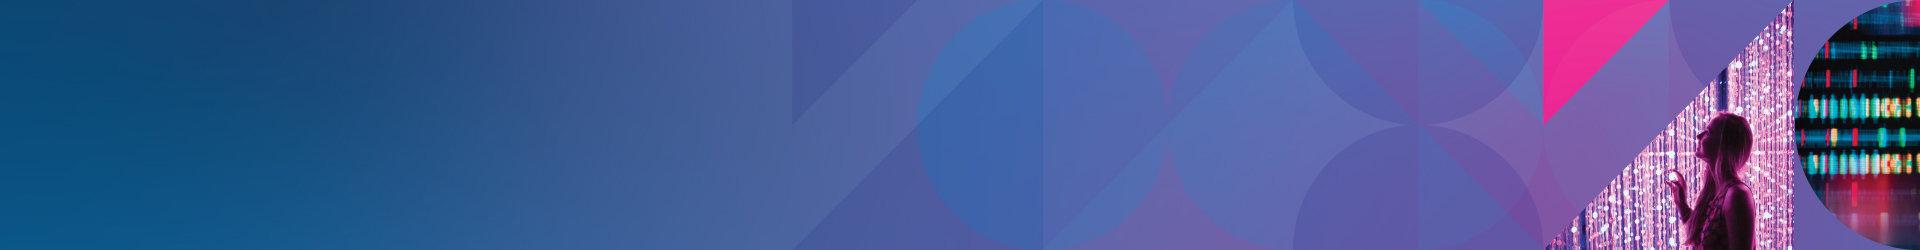 Splash-Page_Header_DCG-Channel_1920x250_